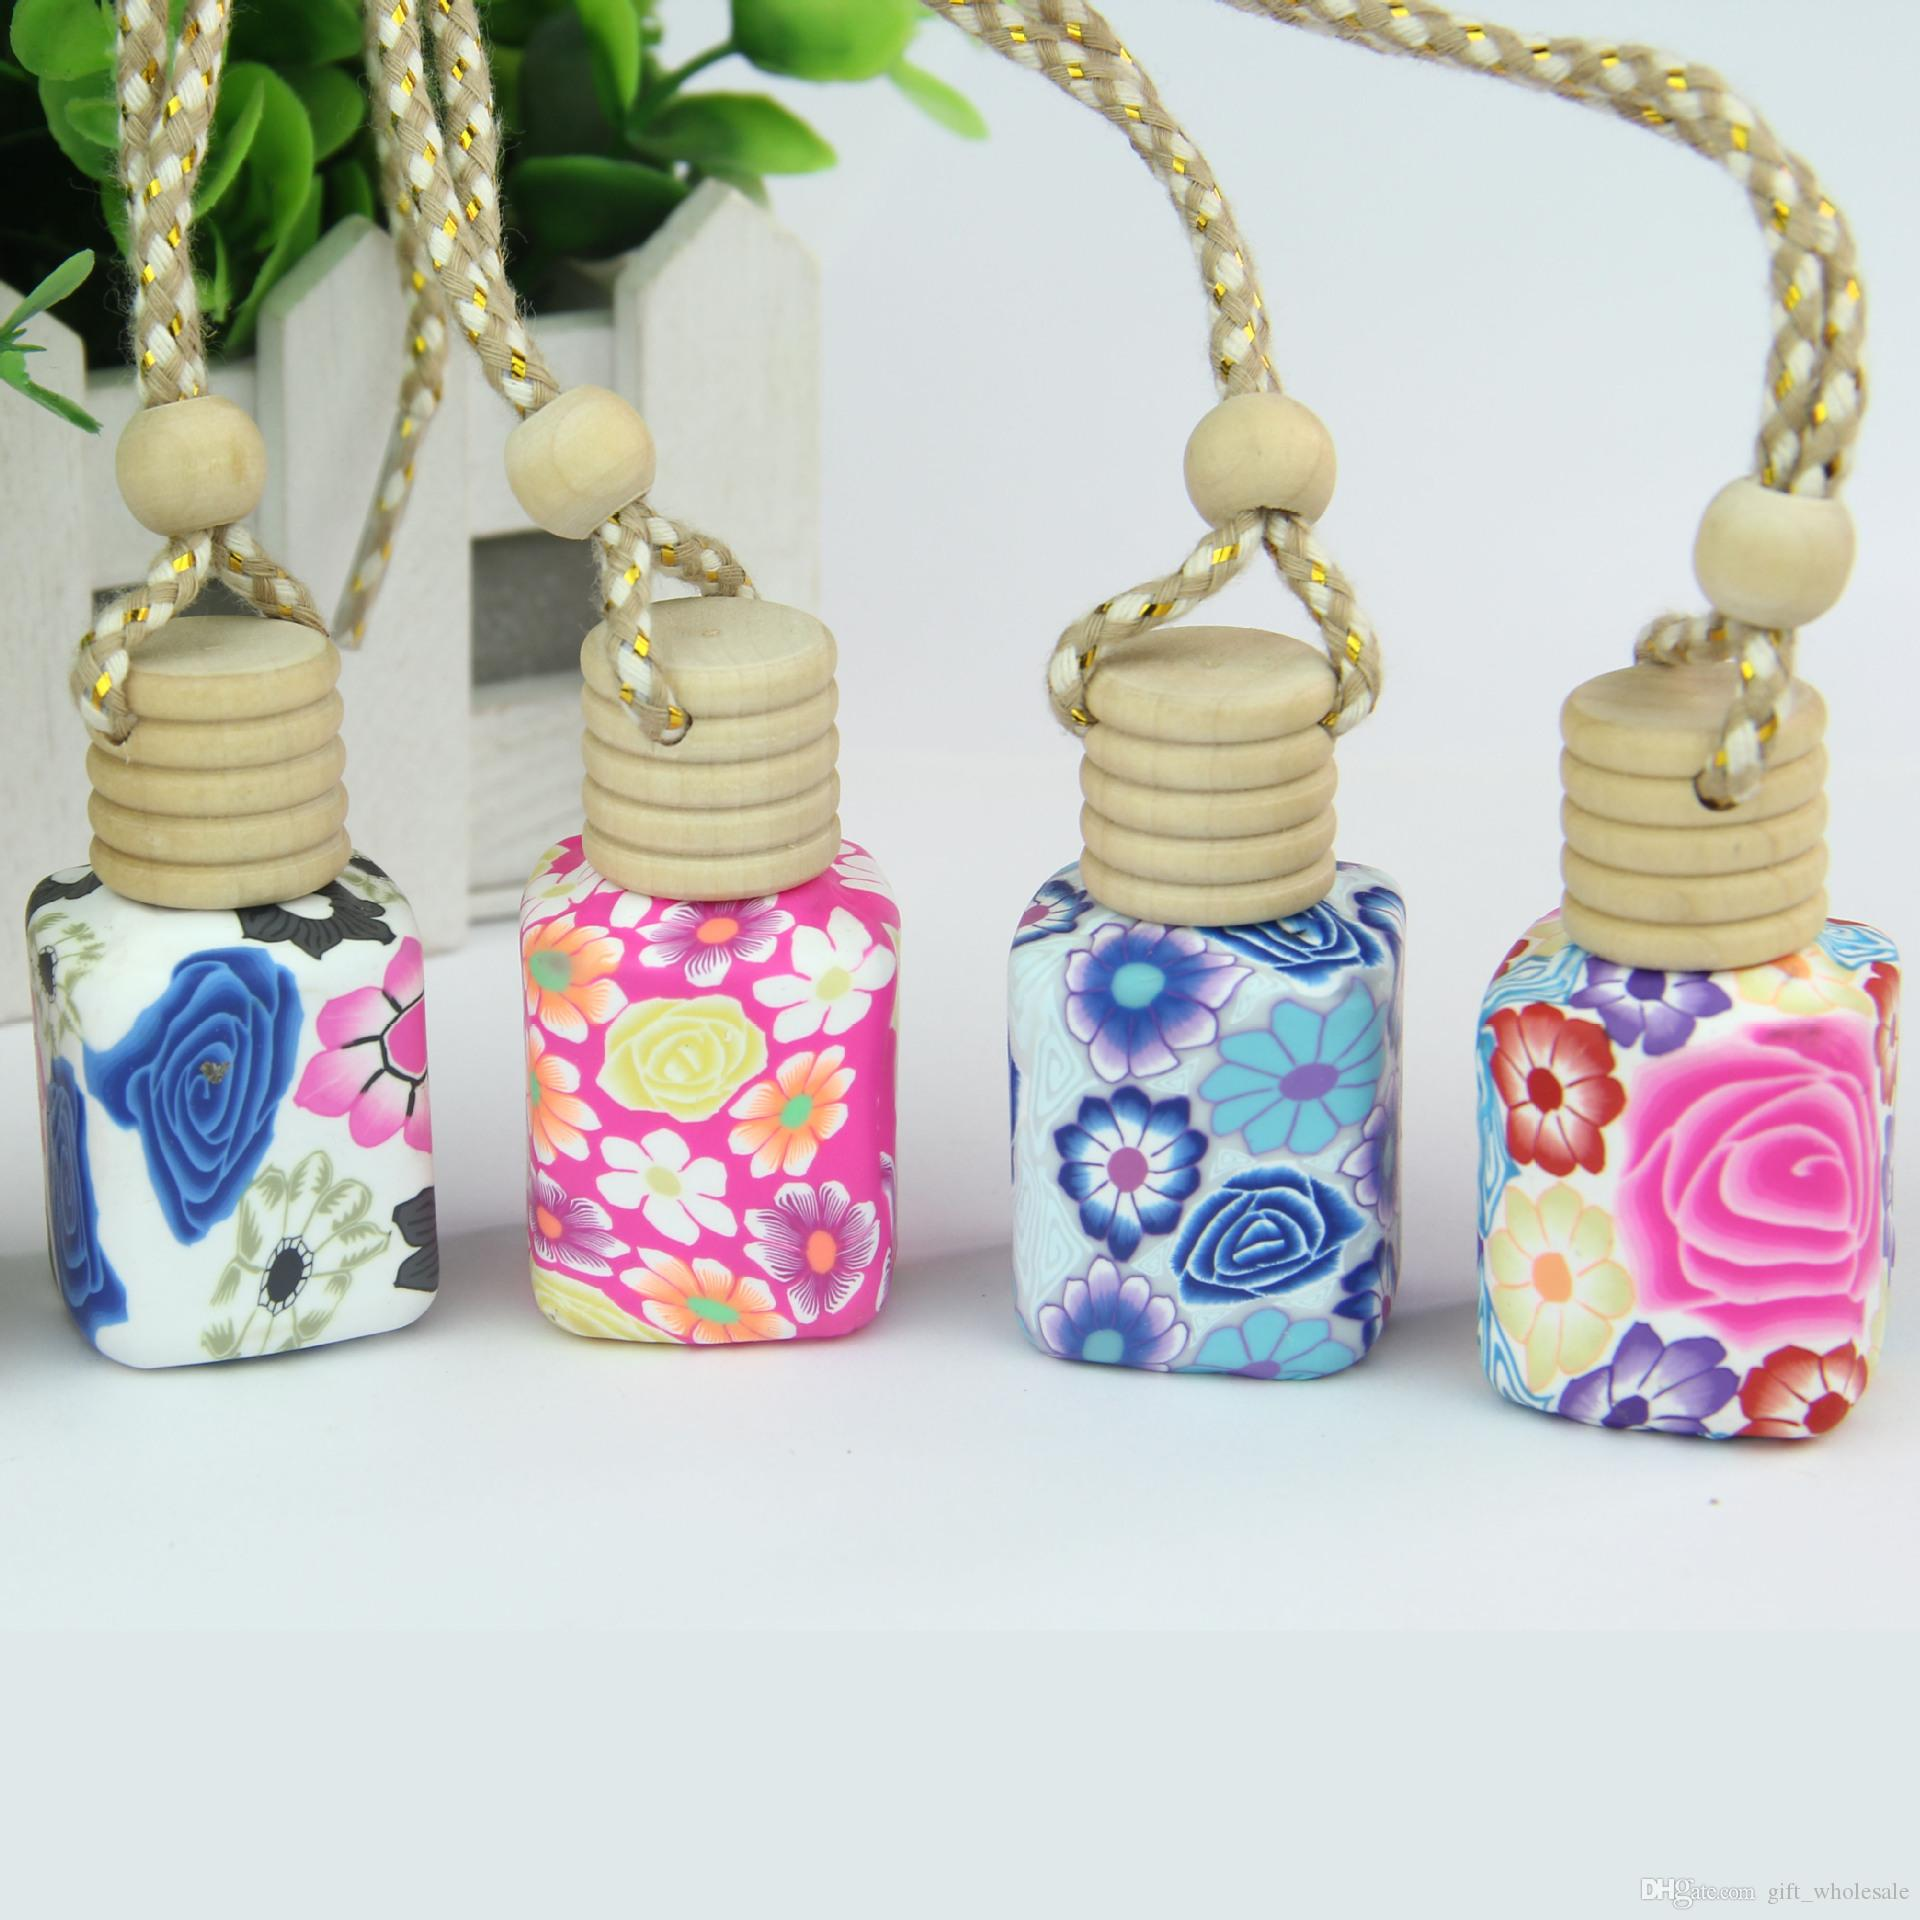 Envío gratis 12-15 ML colgar del coche decoración de esencia de cerámica botella de Perfume colgante cuerda botella vacía, 100 unids / lote